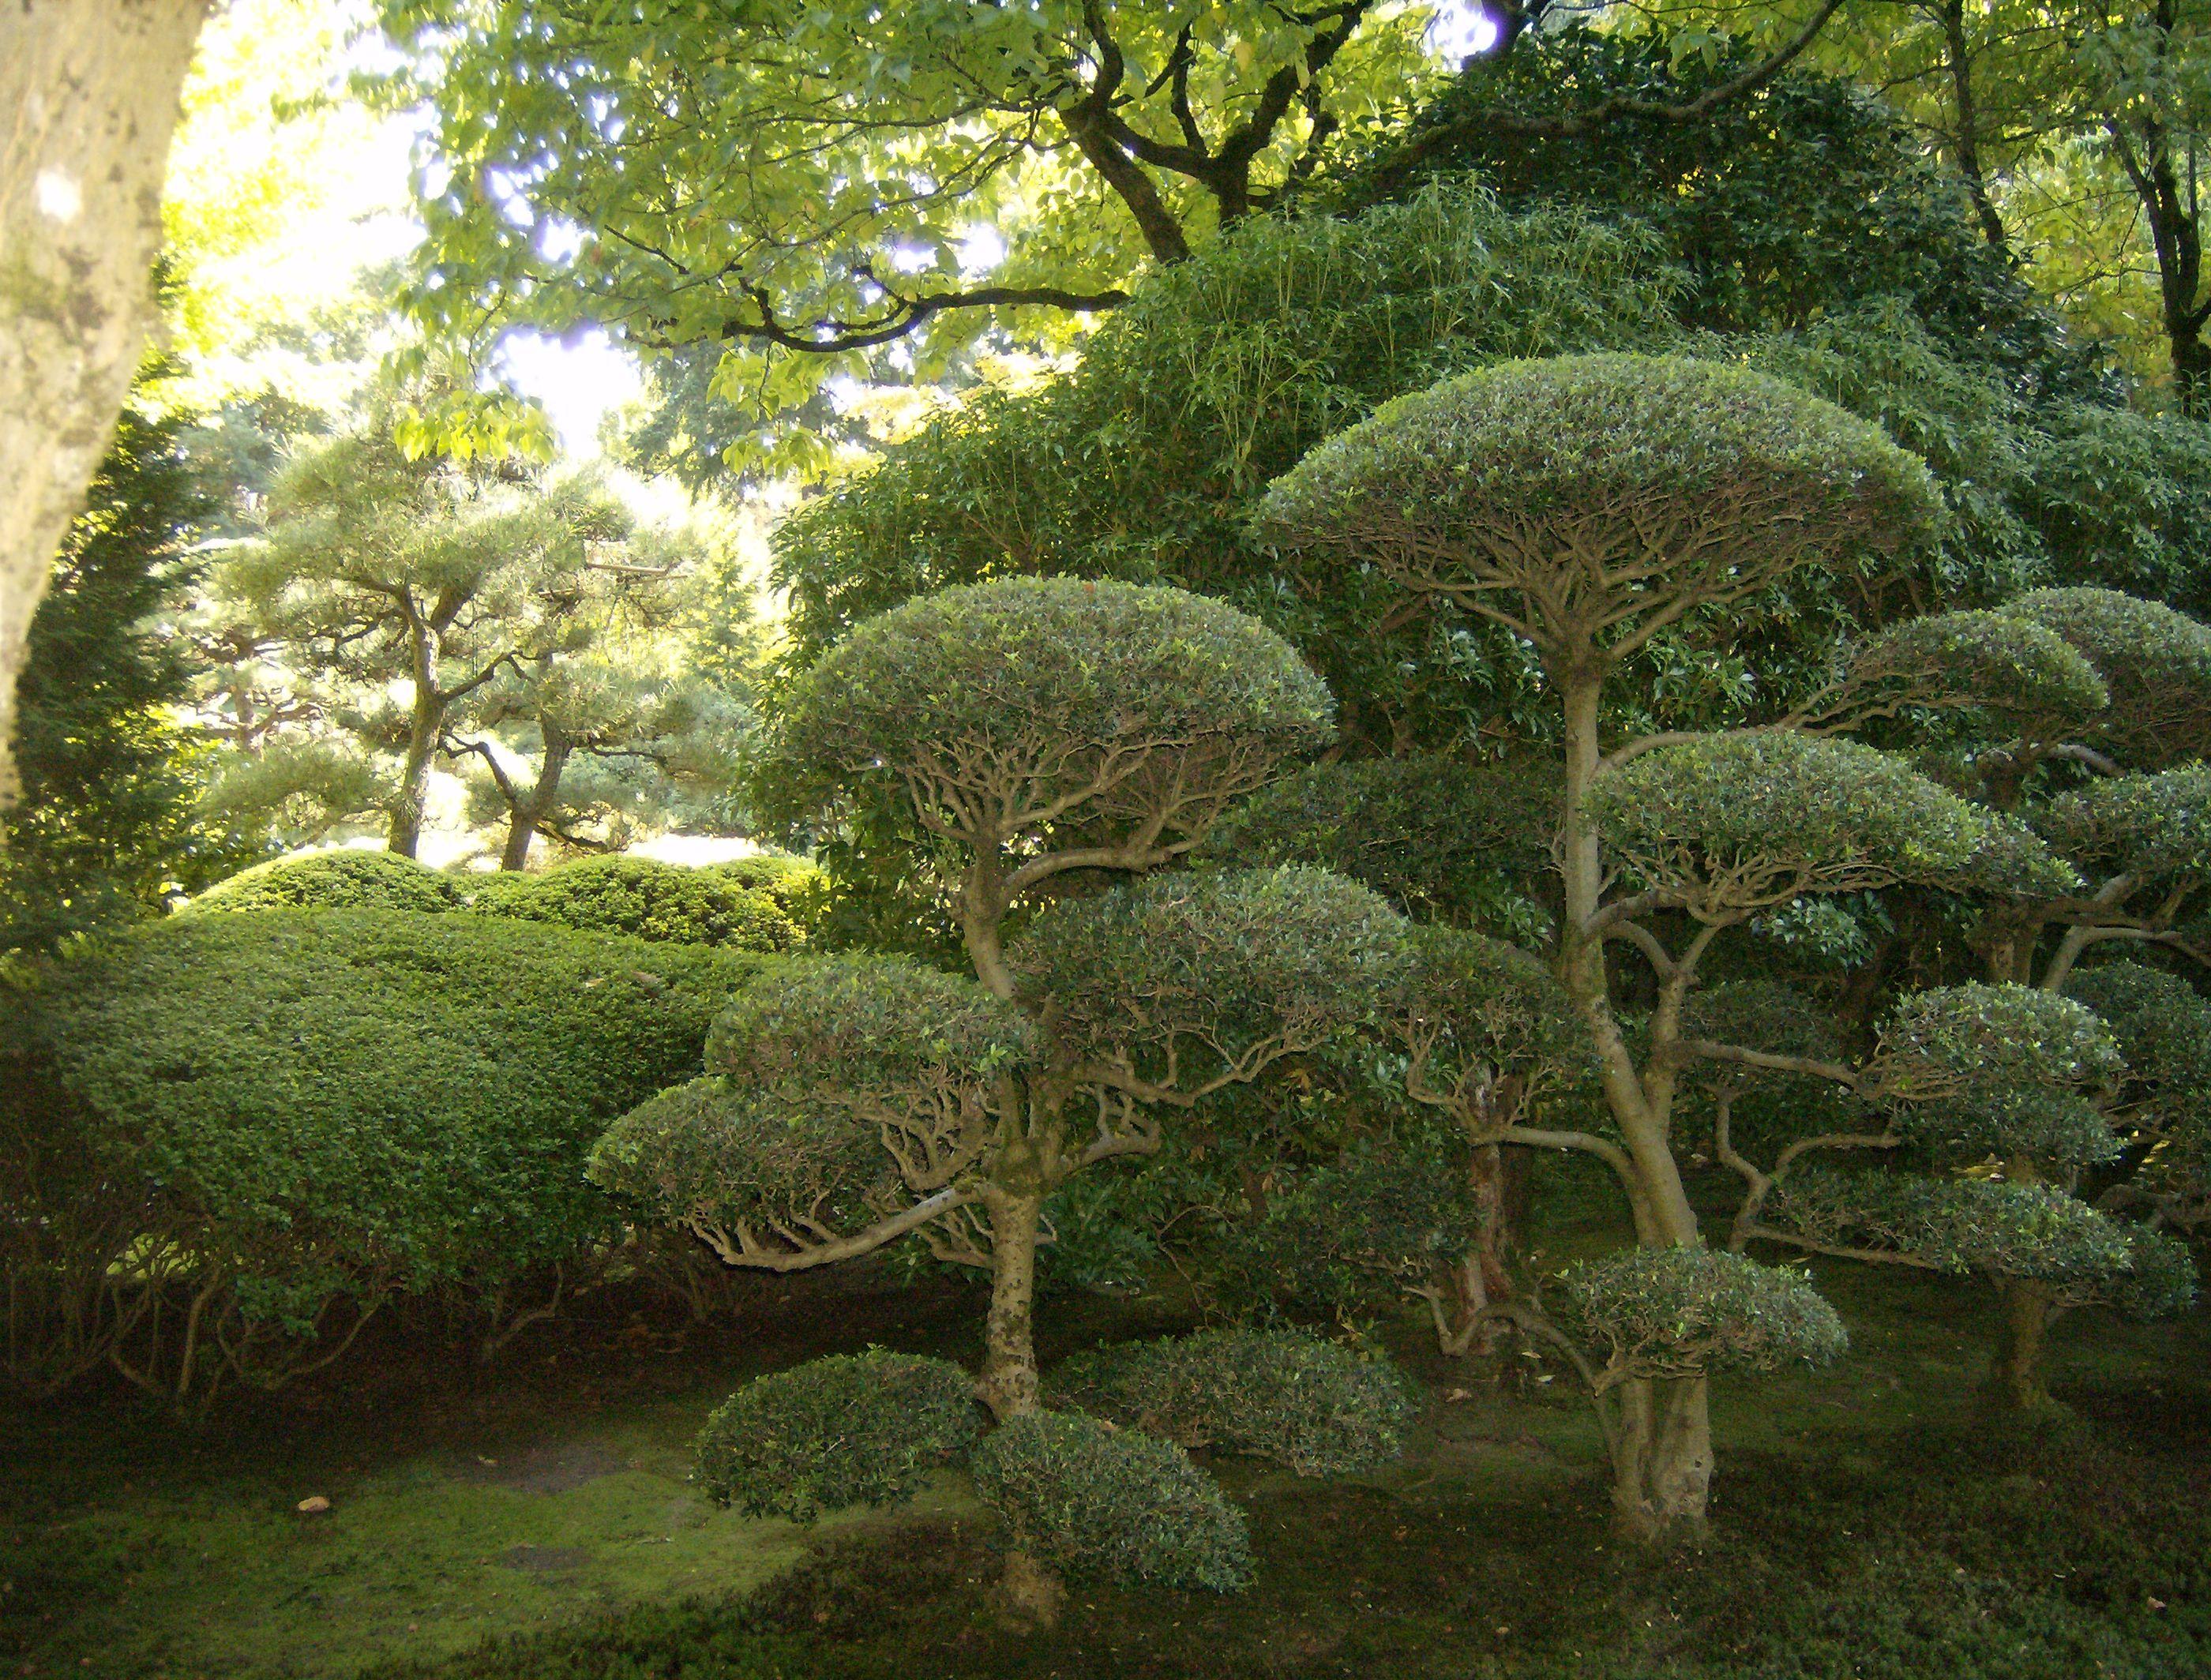 Japan Garden Flowers: Japanese Garden In Portland, Oregon ... Carefully Pruned